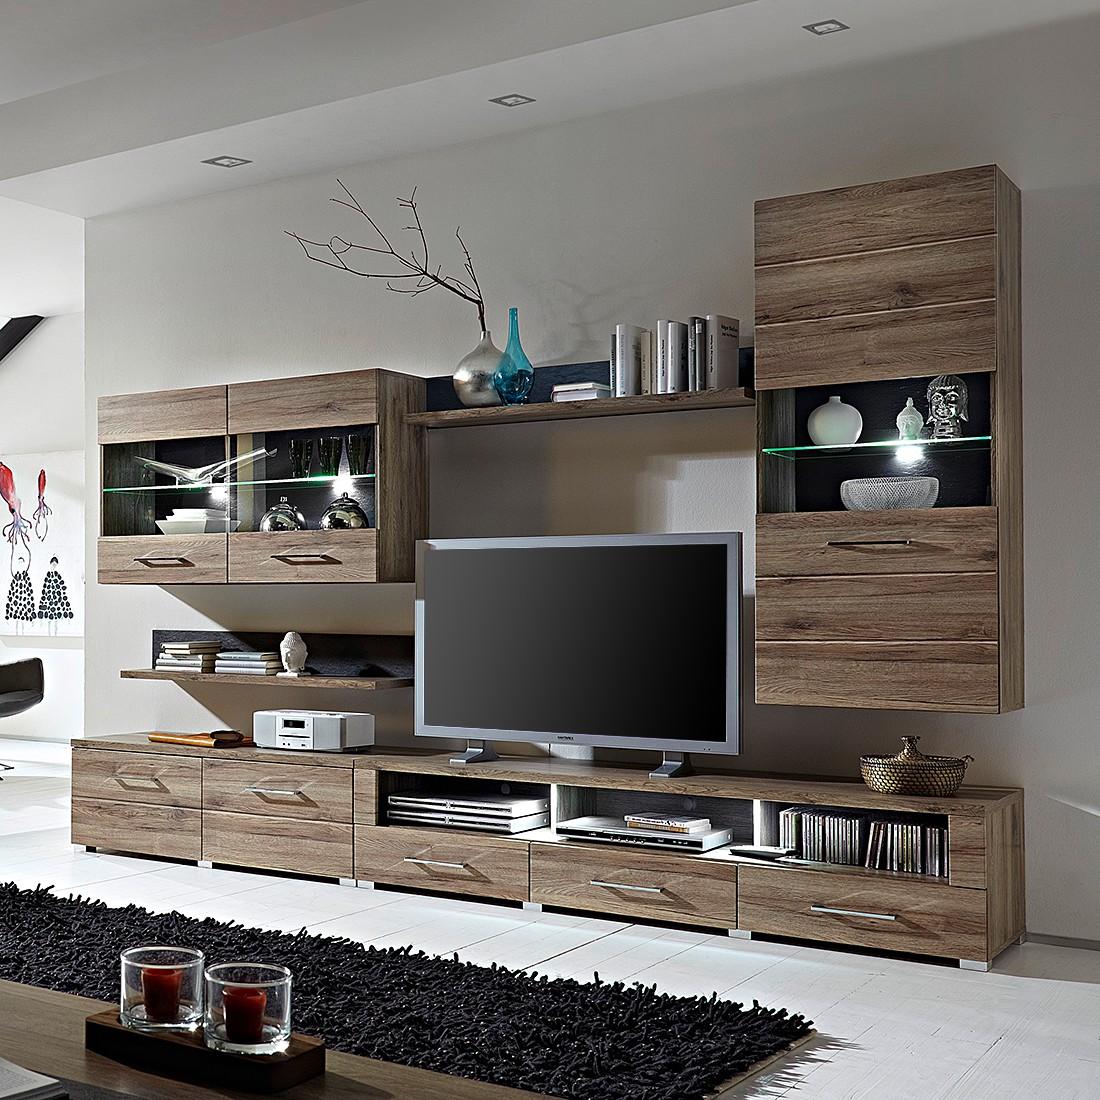 modoform archive. Black Bedroom Furniture Sets. Home Design Ideas